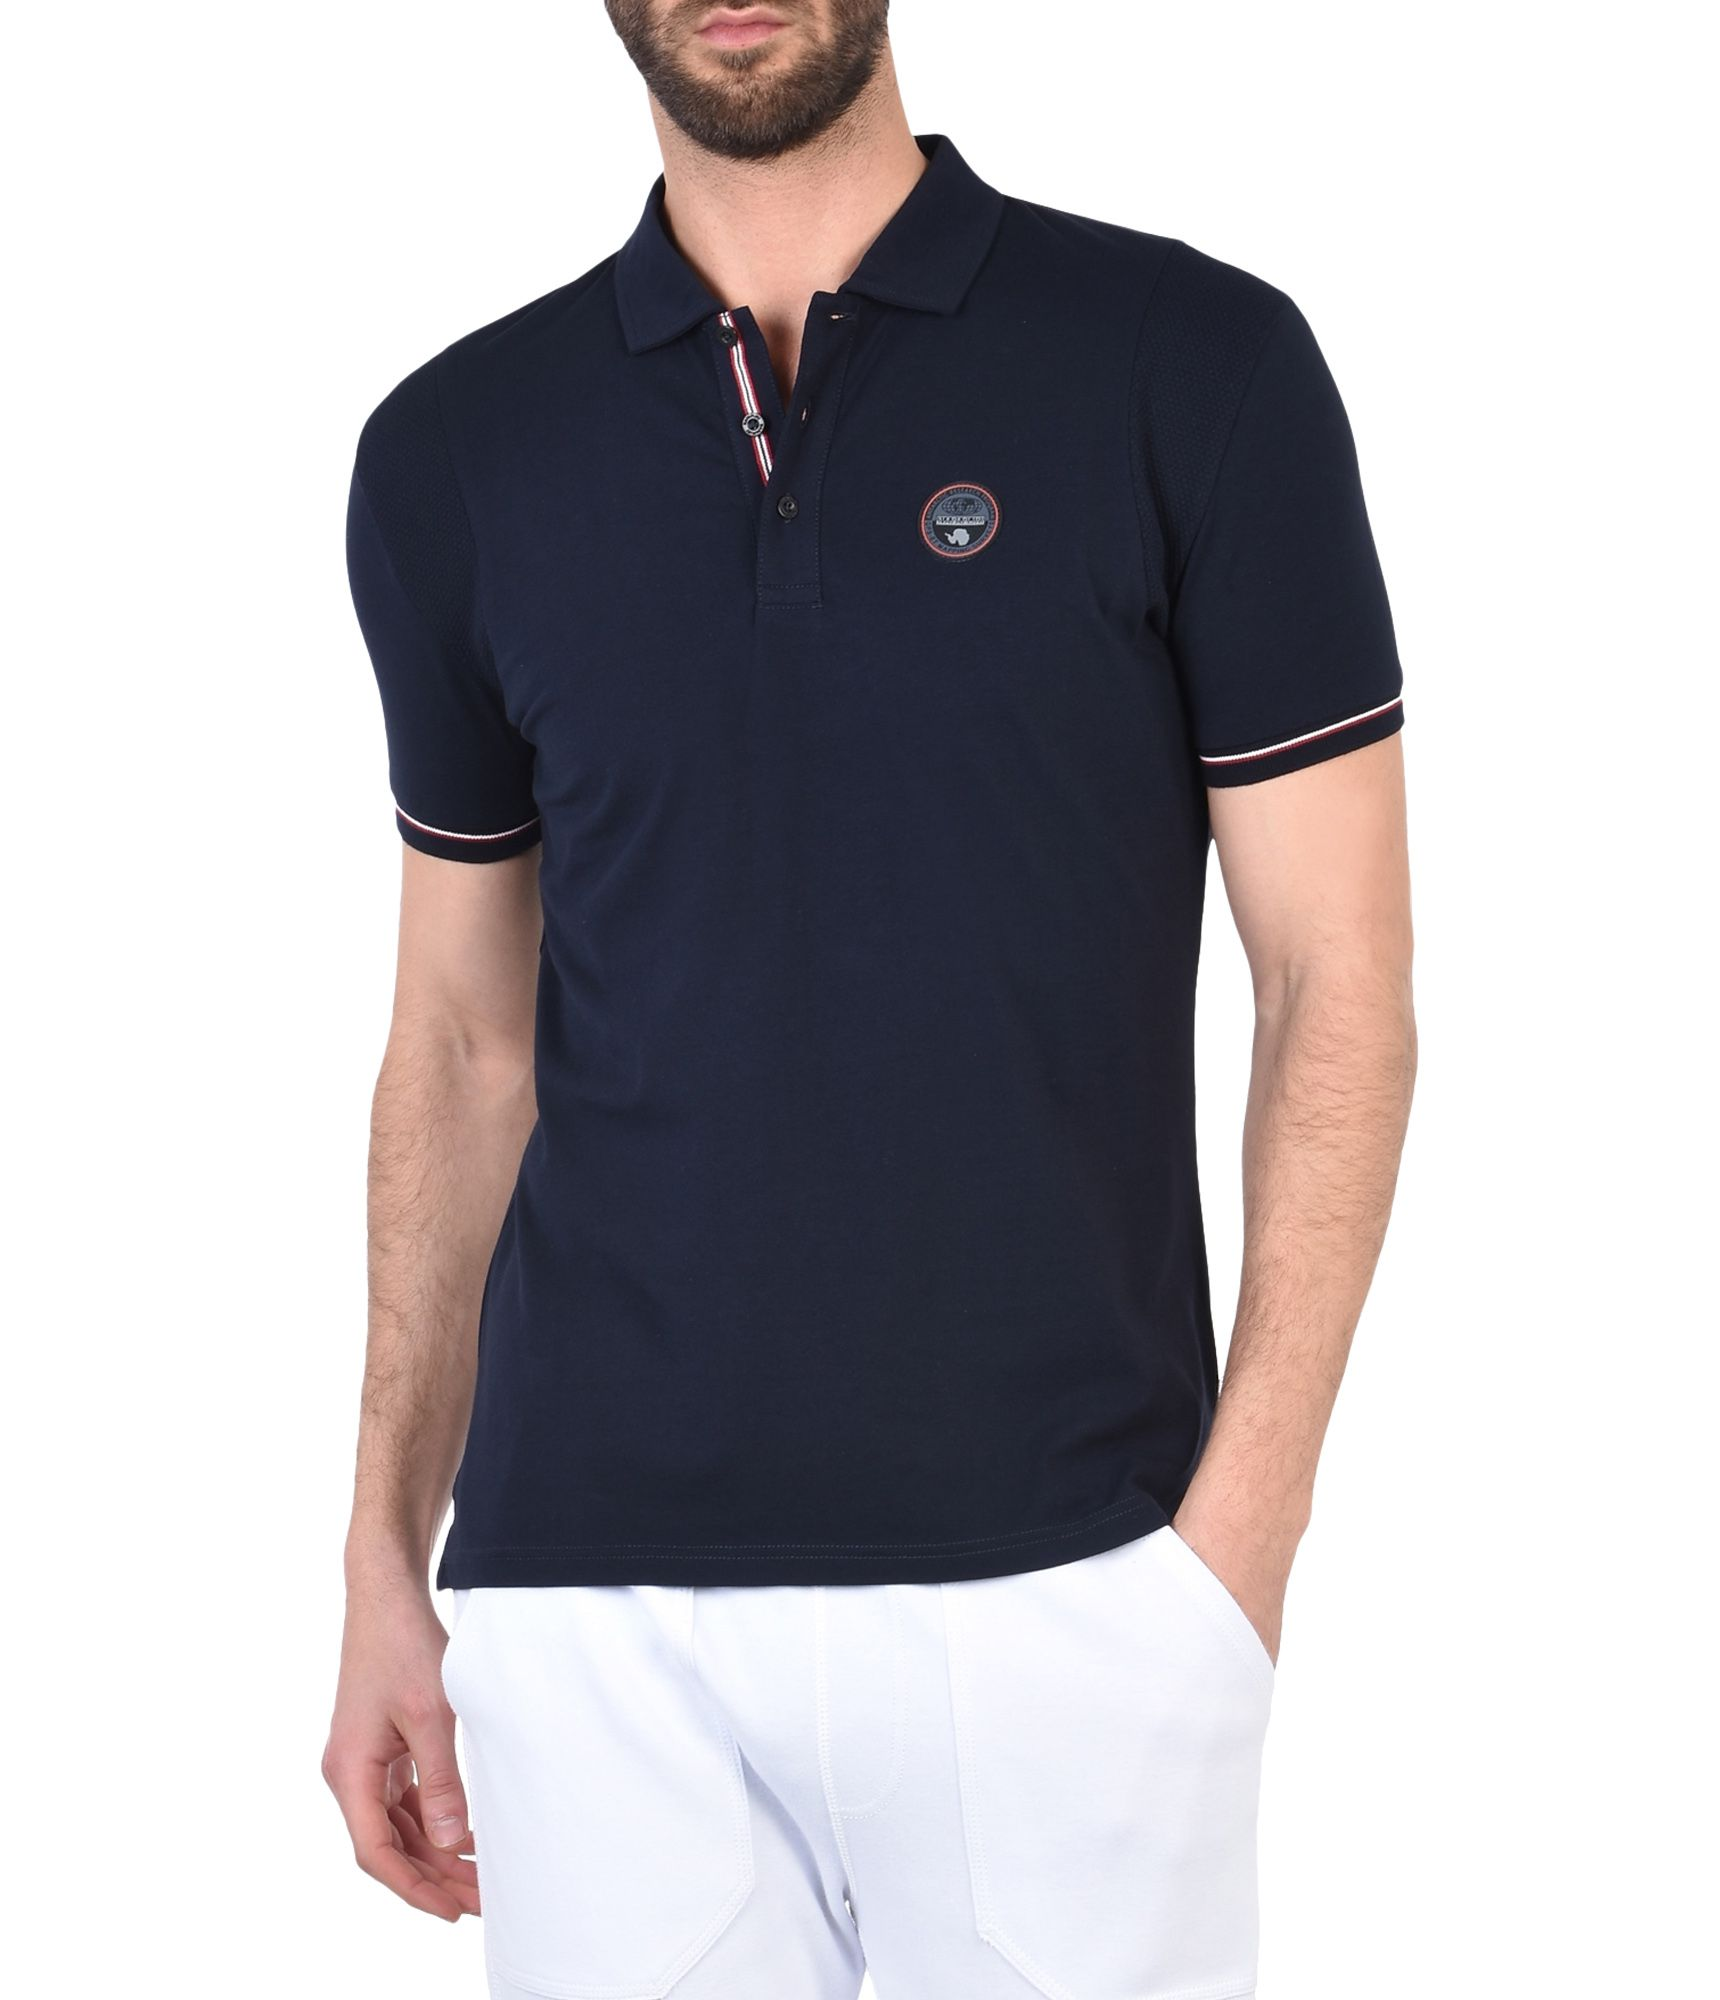 Artikel klicken und genauer betrachten! - Polo-Shirt mit kurzen Ärmeln Stretch-Jersey Einsätze aus Kontrastmaterial Drei Knöpfe Gerippte Abschlüsse Details in Kontrastfarbe Grafikelemente Seitenschlitze | im Online Shop kaufen